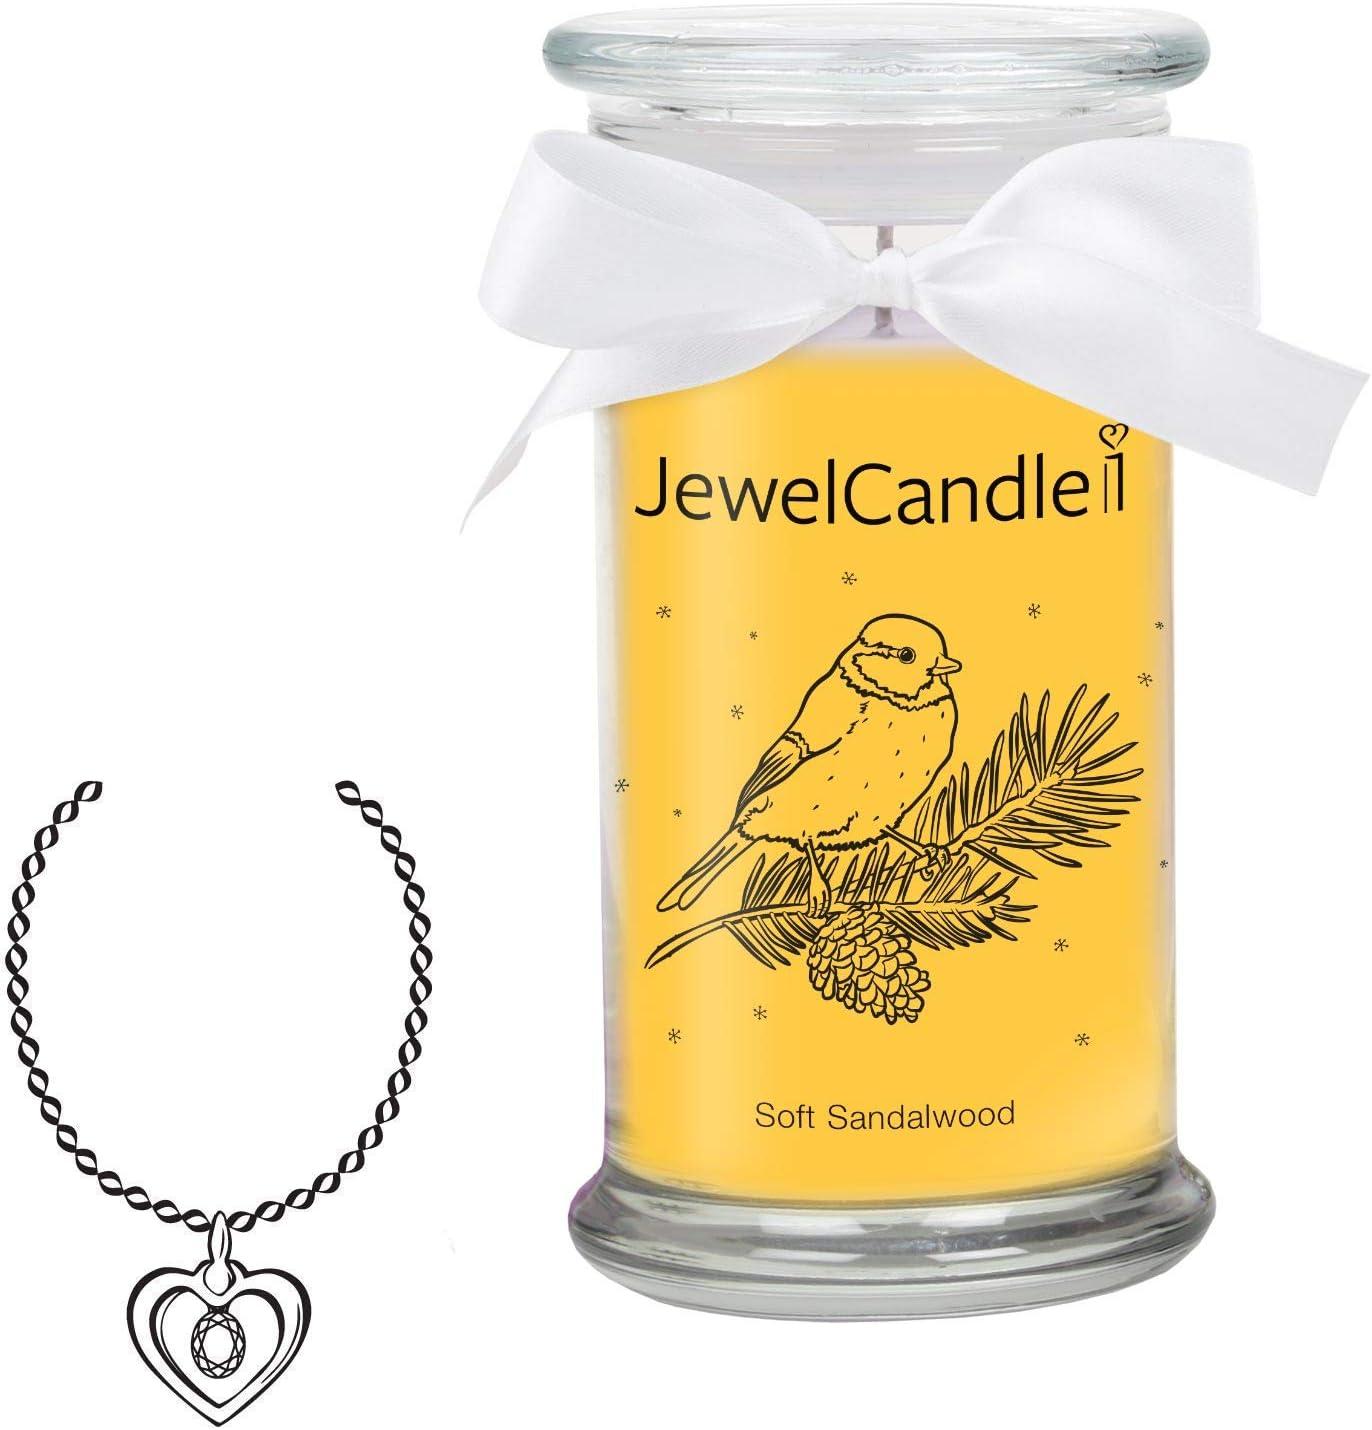 Bougie Parfum/ée avec Bijou Surprise en Argent XS Bague JewelCandle Soft Sandalwood